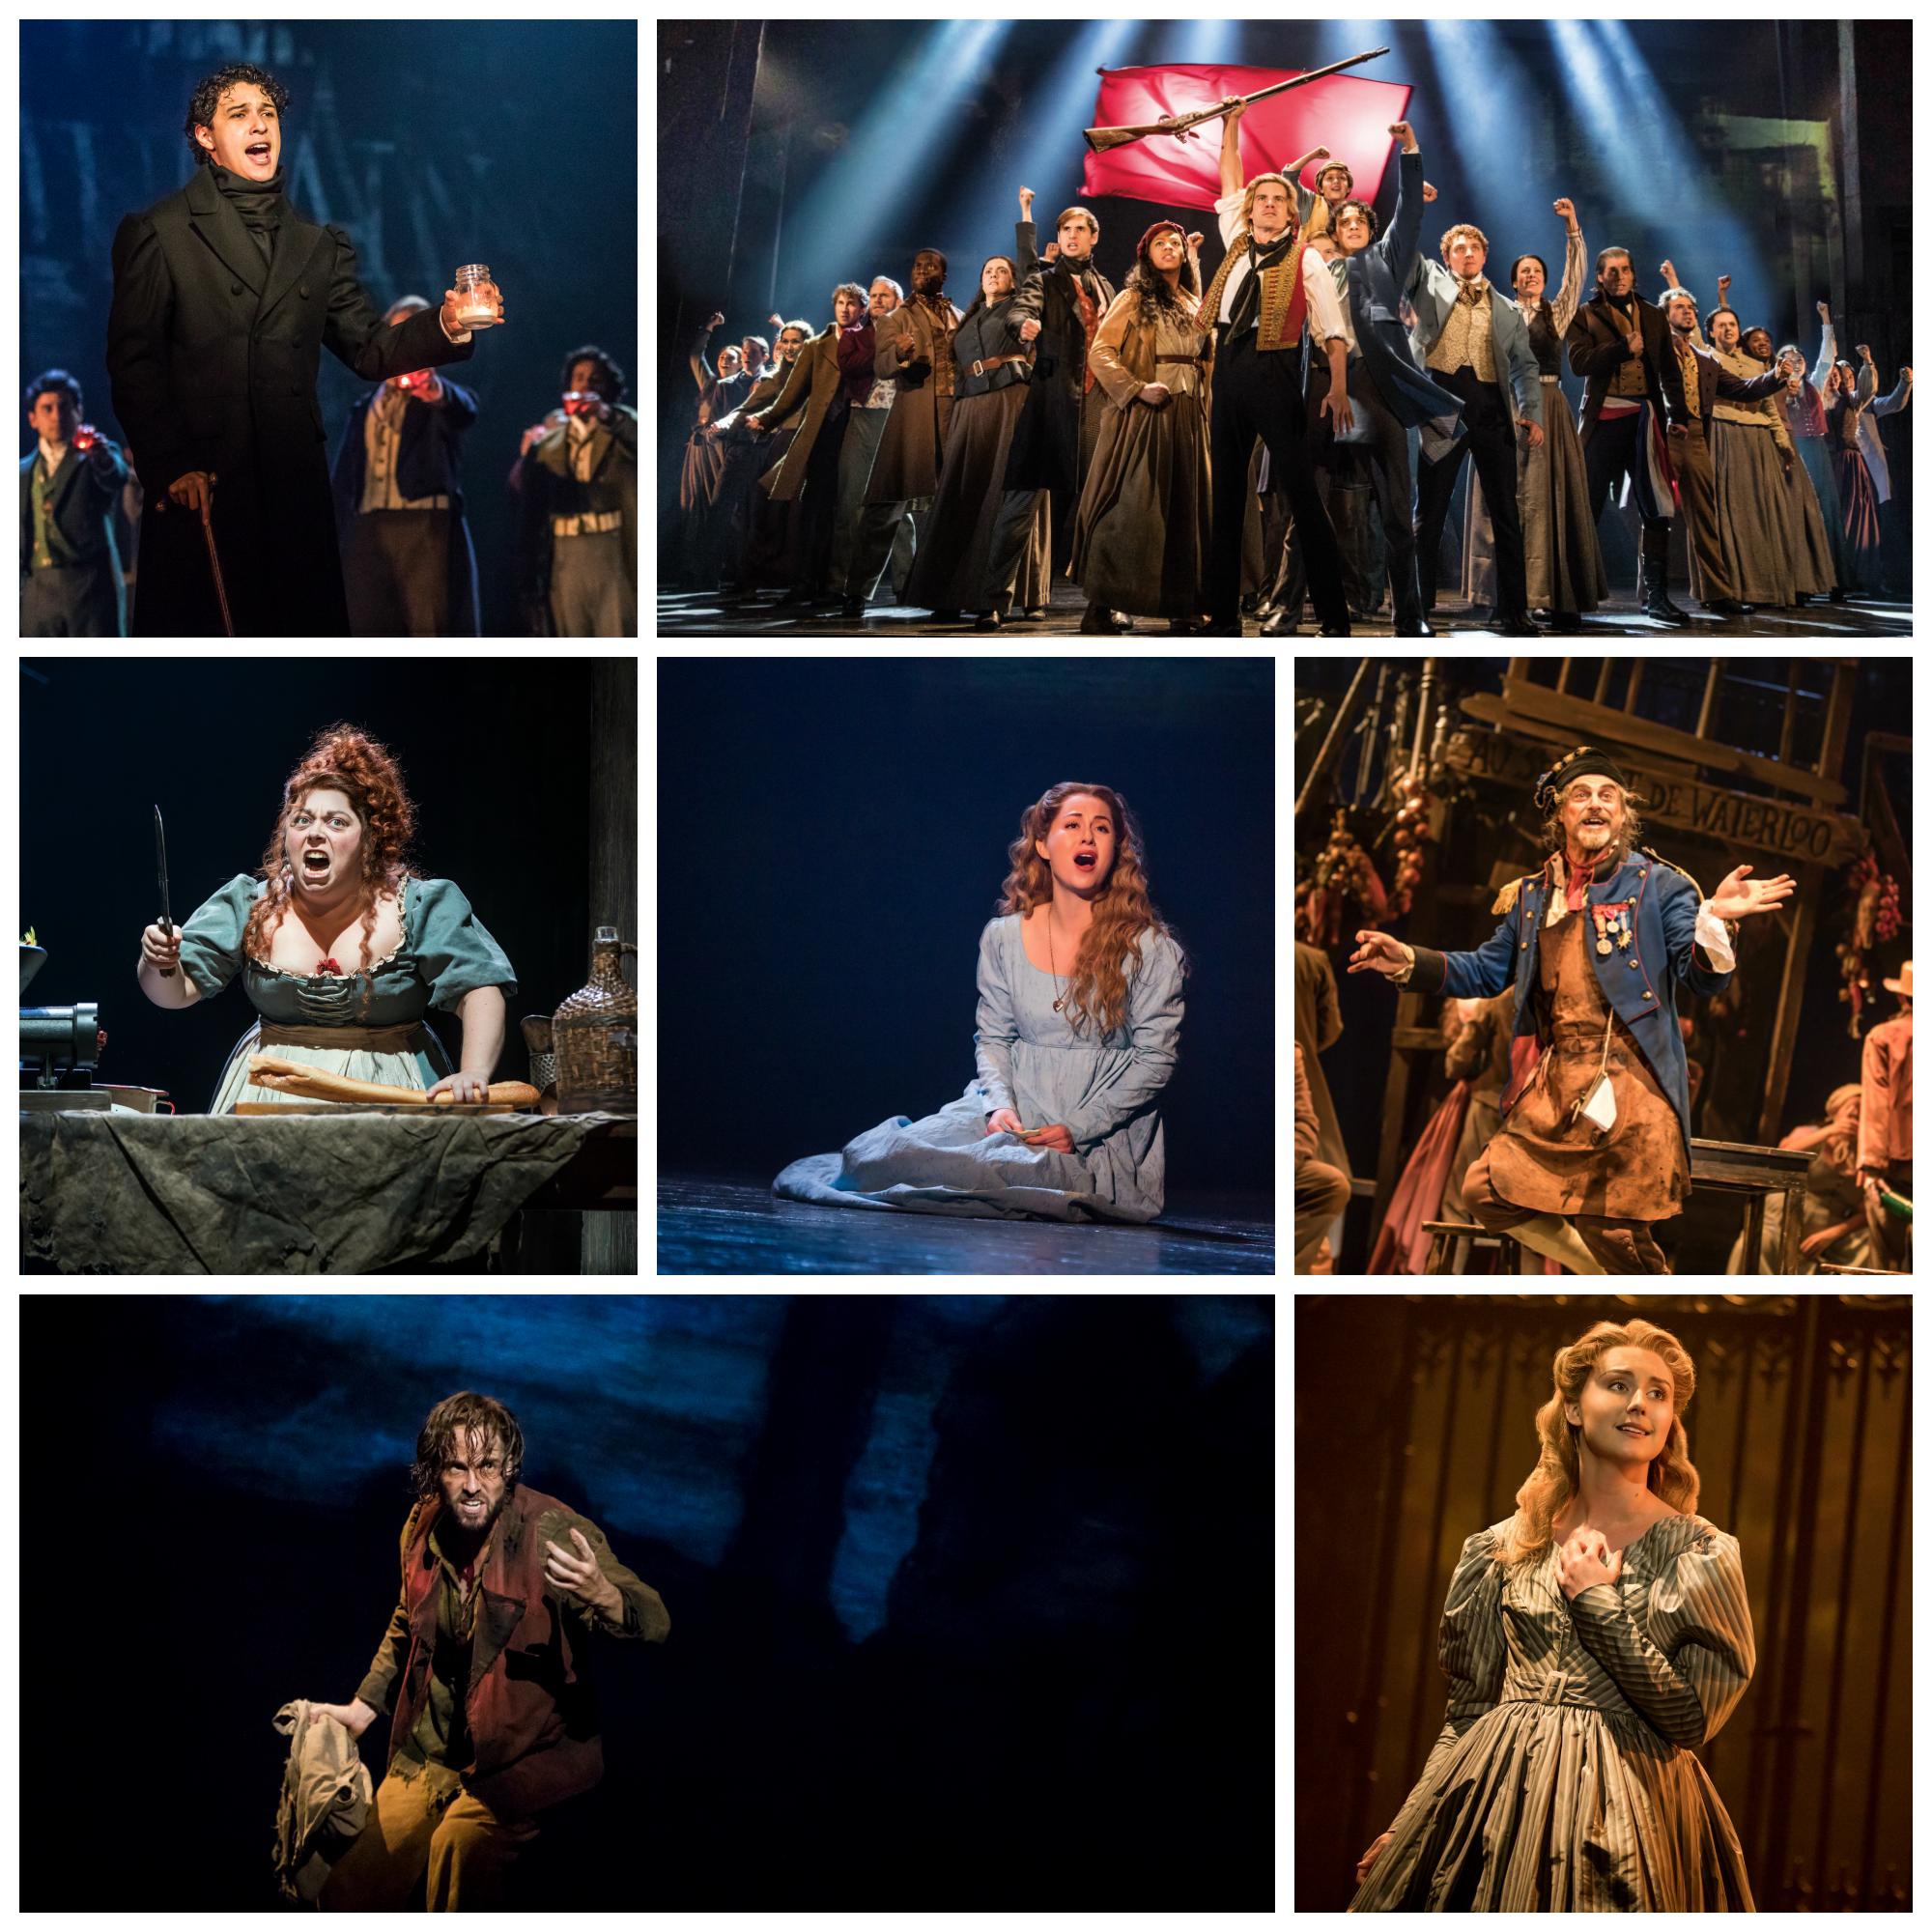 Scenes from Les Misérables United States Tour.